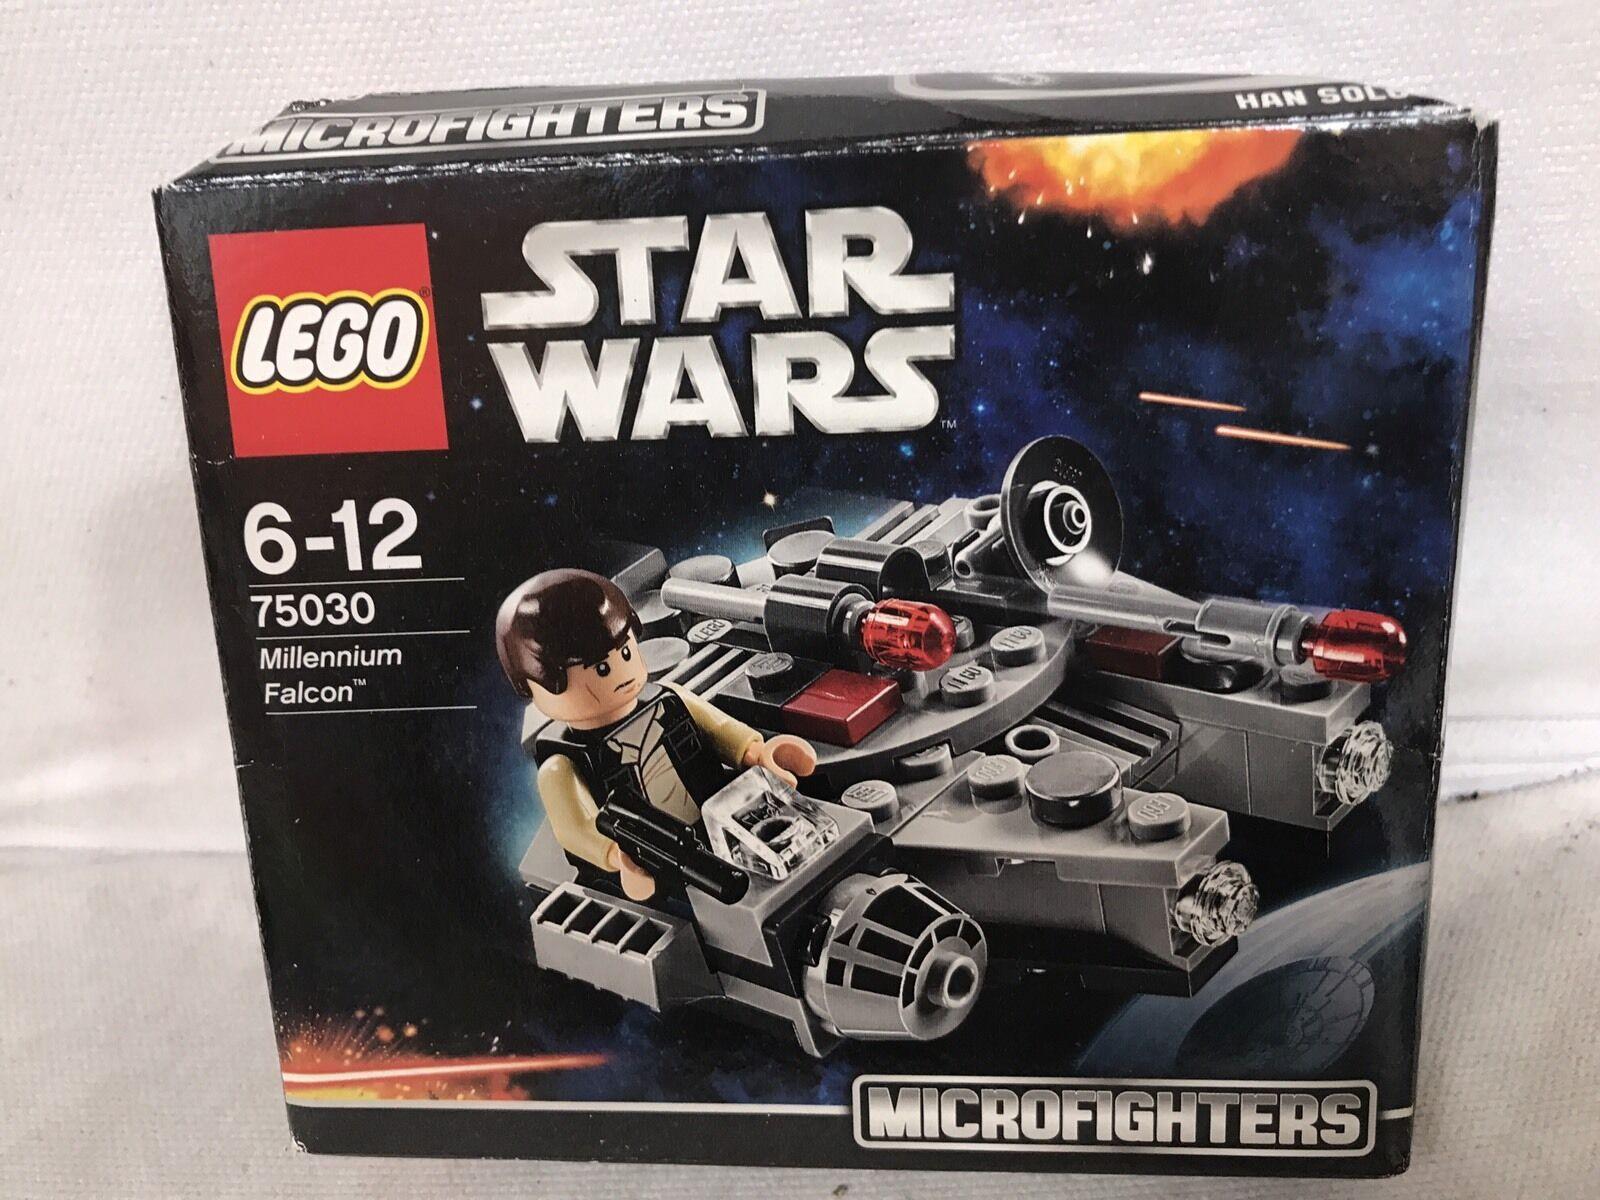 Lego Set 75030 Star Wars Microfighters Millennium Falcon Han  Solo - nouveau  Style classique